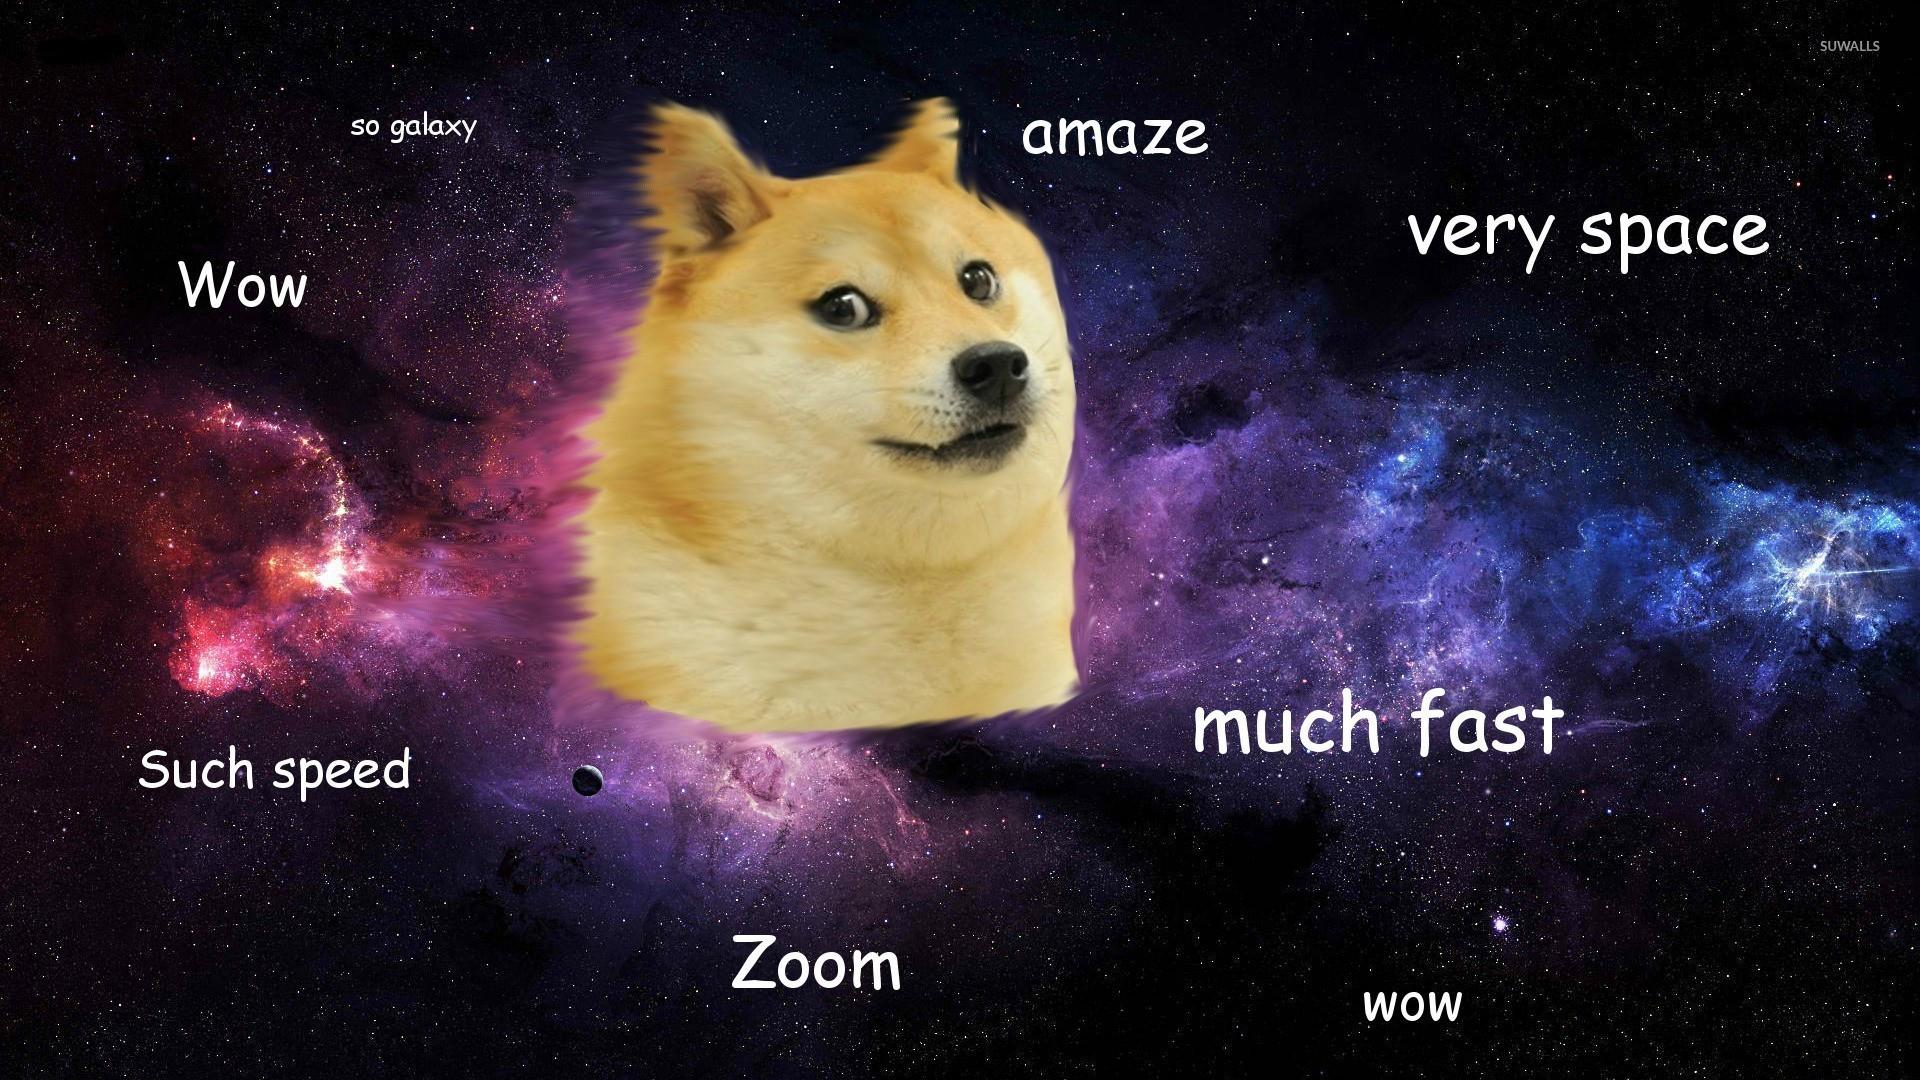 Doge Meme Wallpaper